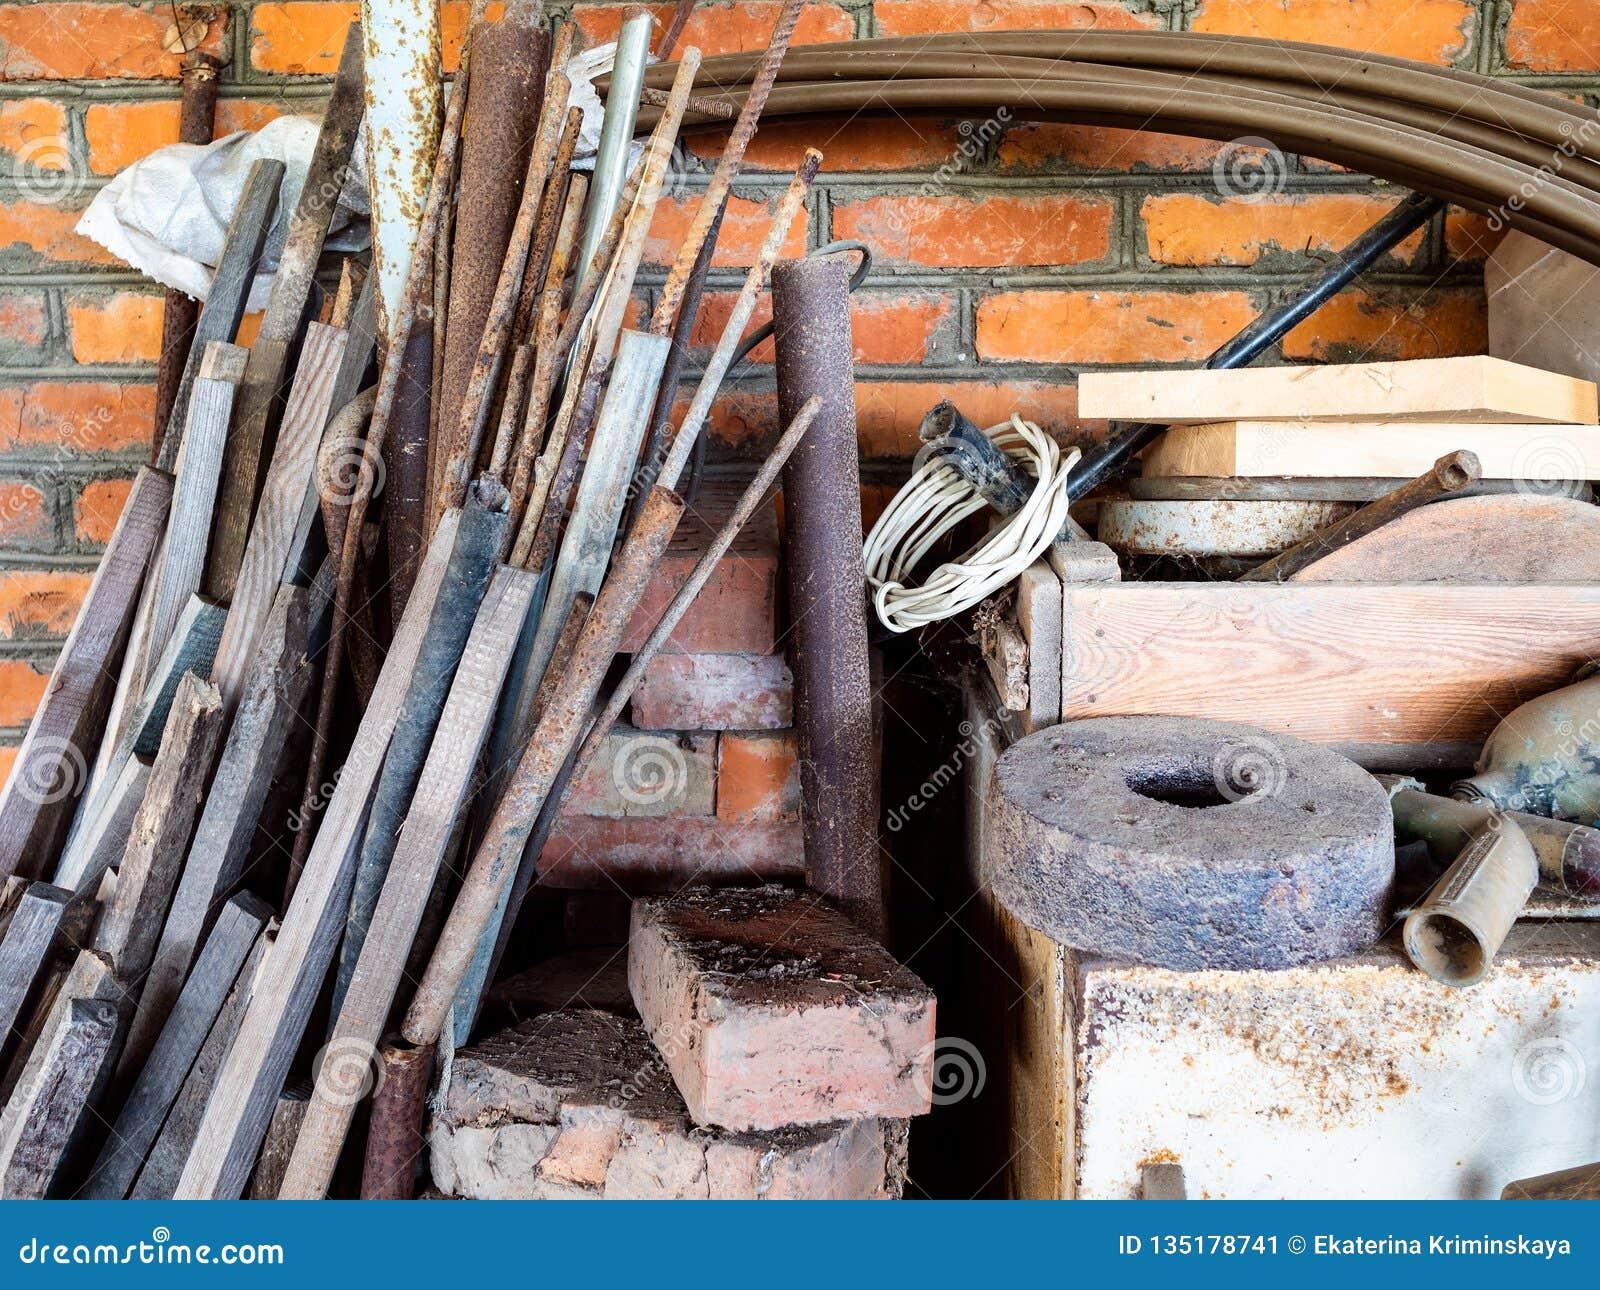 Ненужные инструменты в деревенском сарае